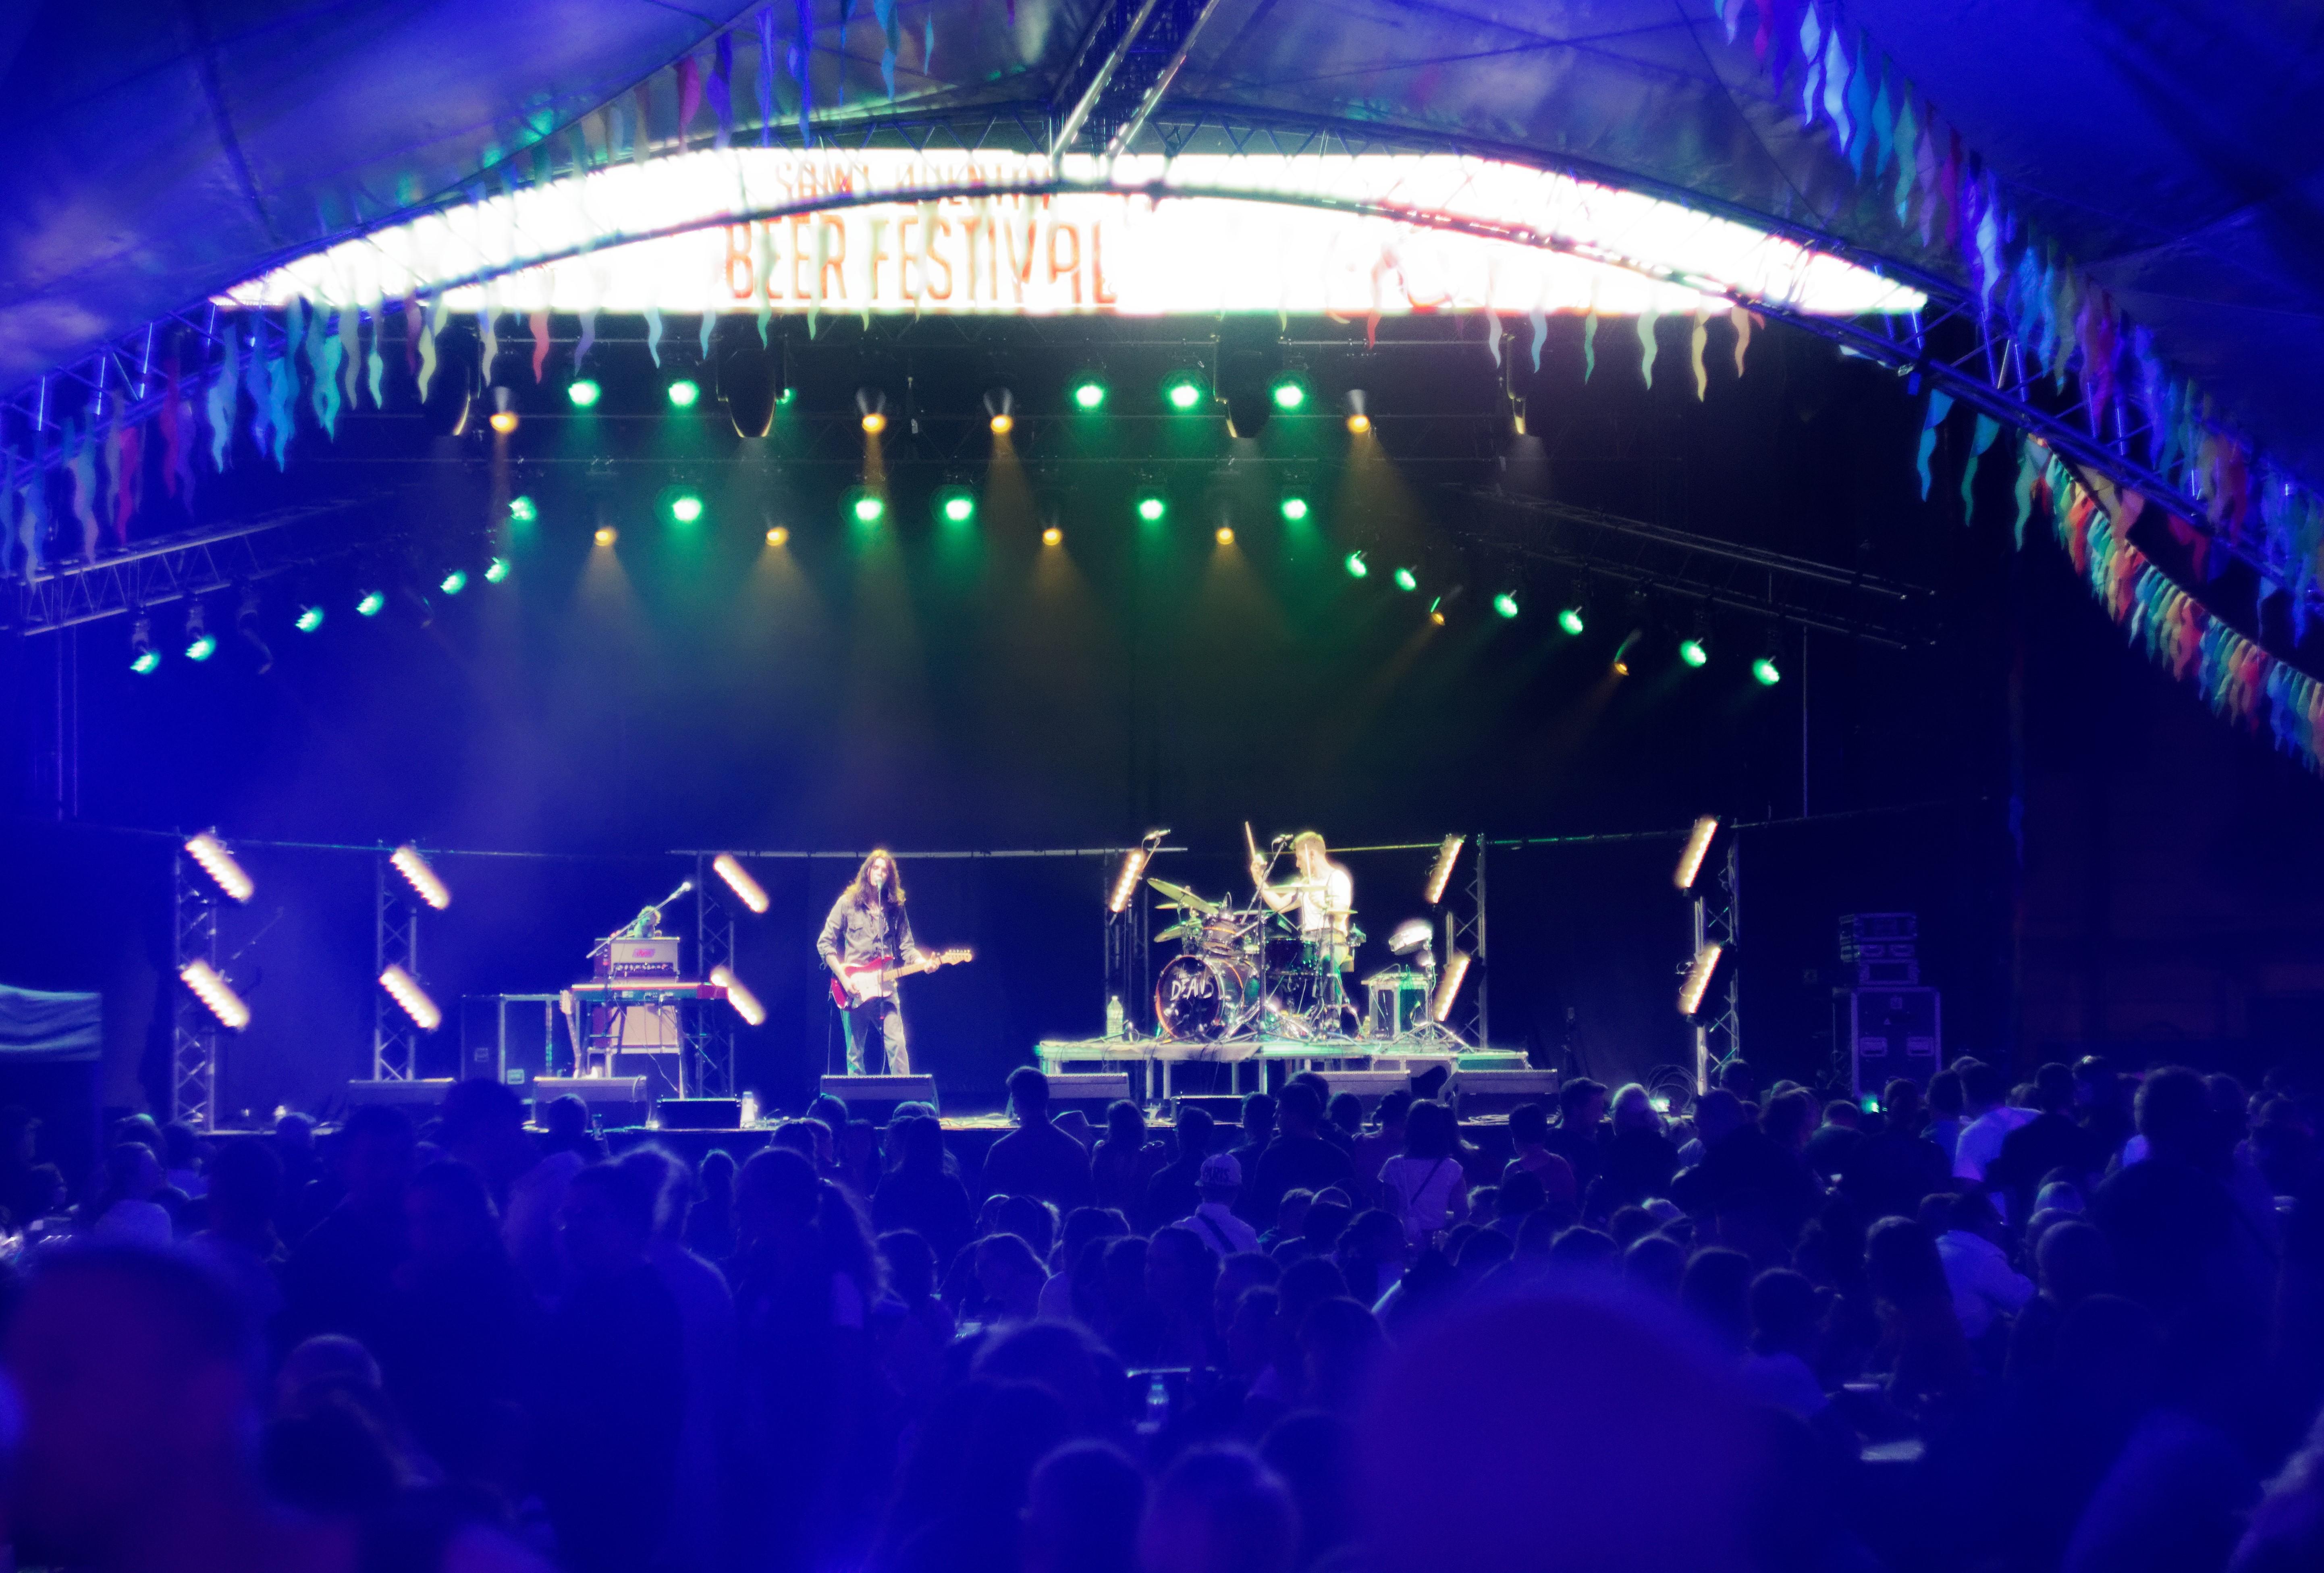 concert-the-deans-festival-de-la-biere-vendredi-soir-a-saint-quentin-septembre-2019